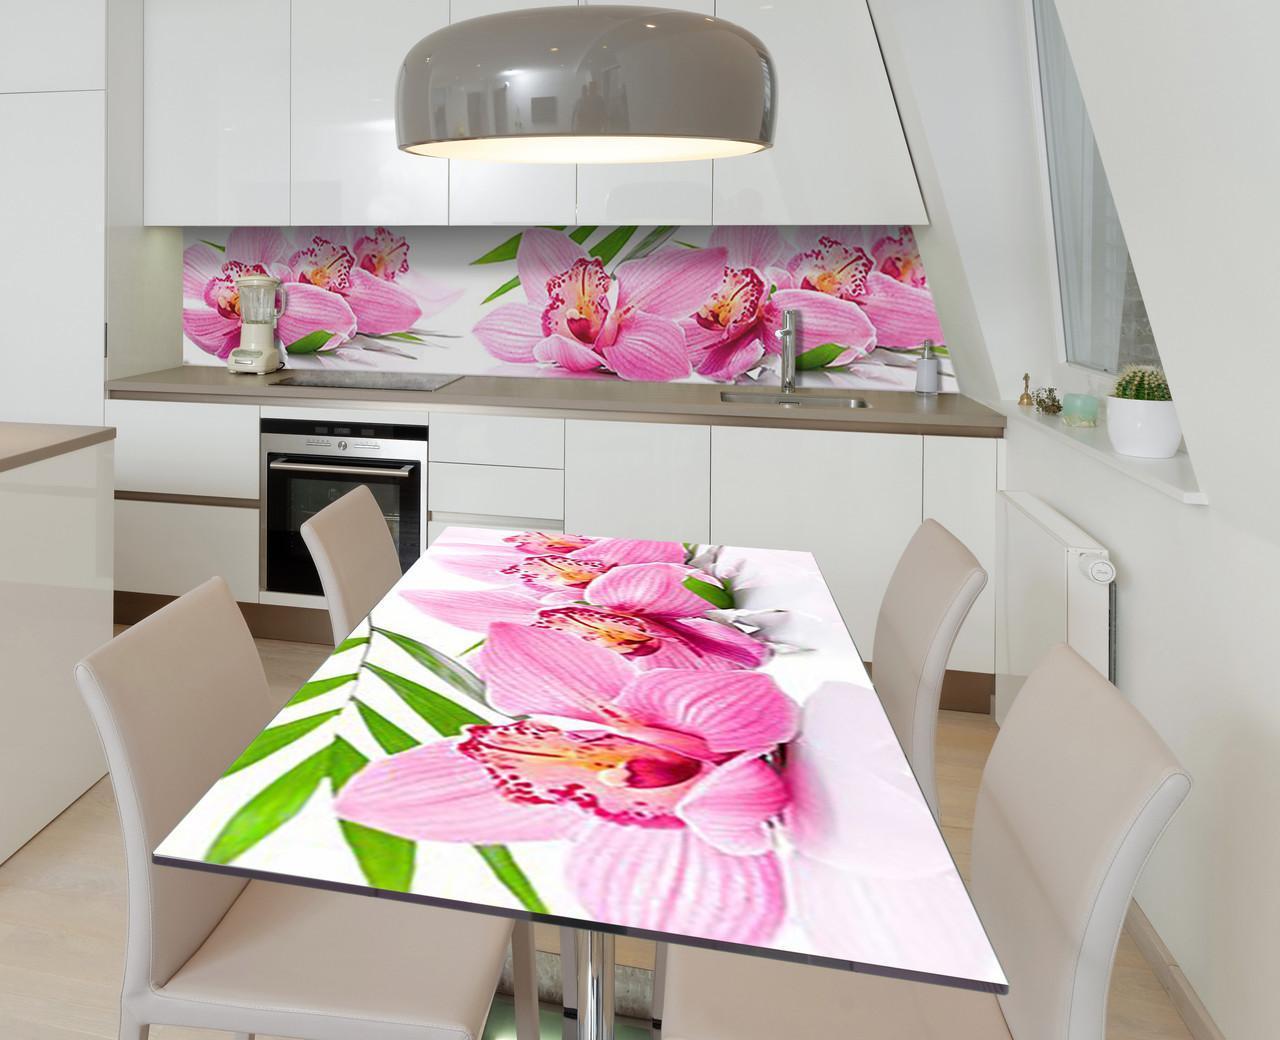 Наклейка 3Д виниловая на стол Zatarga «Сон орхидеи» 600х1200 мм для домов, квартир, столов, кофейн, кафе